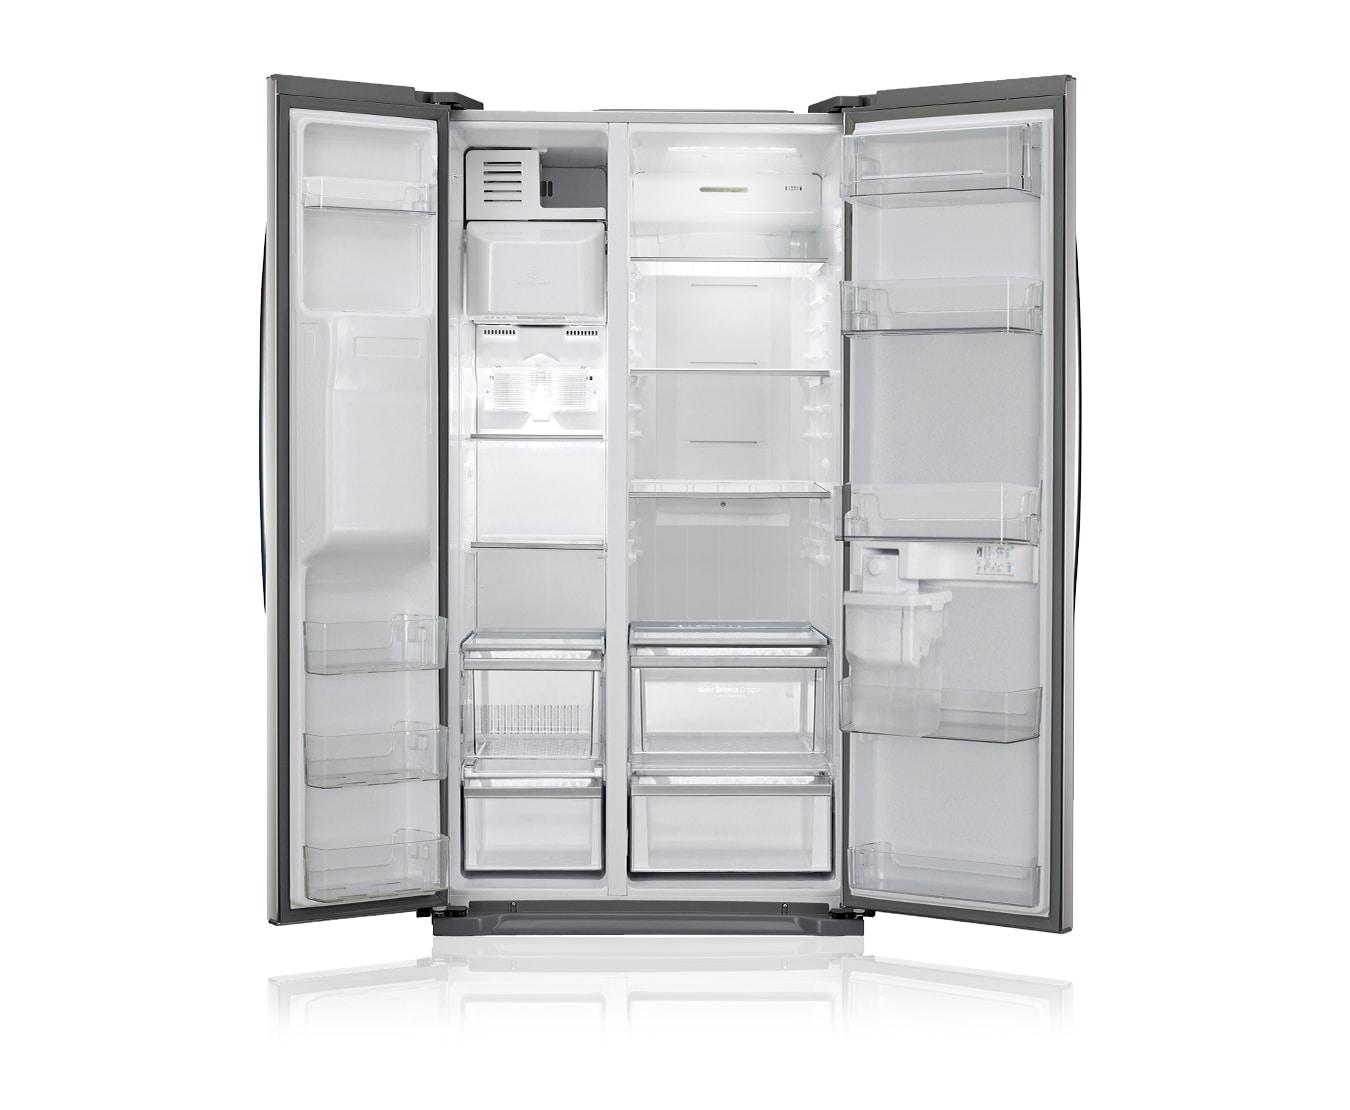 LG GSL325PZYZ Side-by-Side-Kühlschrank mit Eis- und Wasserspender